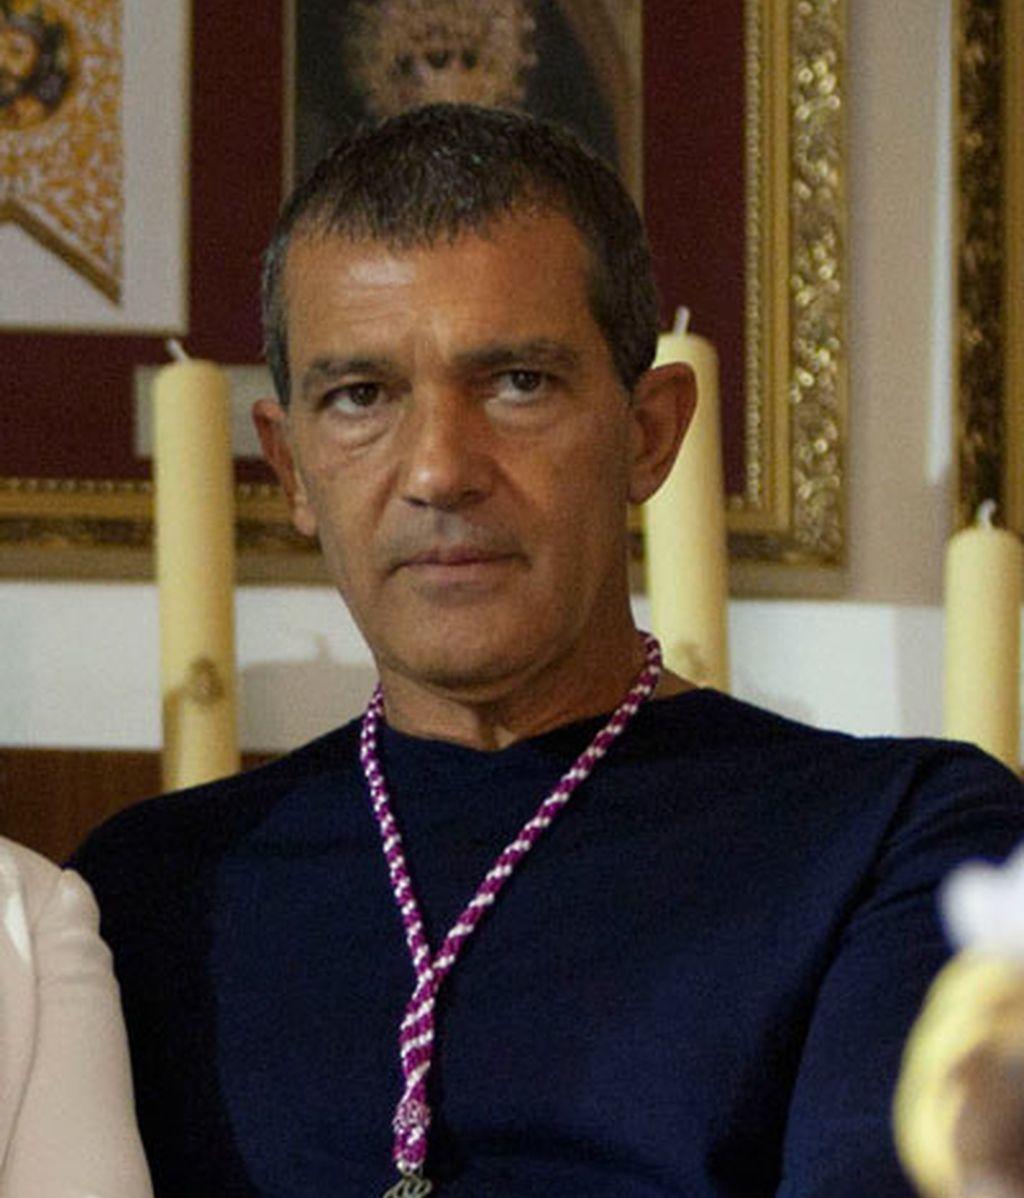 Antonio Banderas, devoto y cofrade del Cristo Cautivo